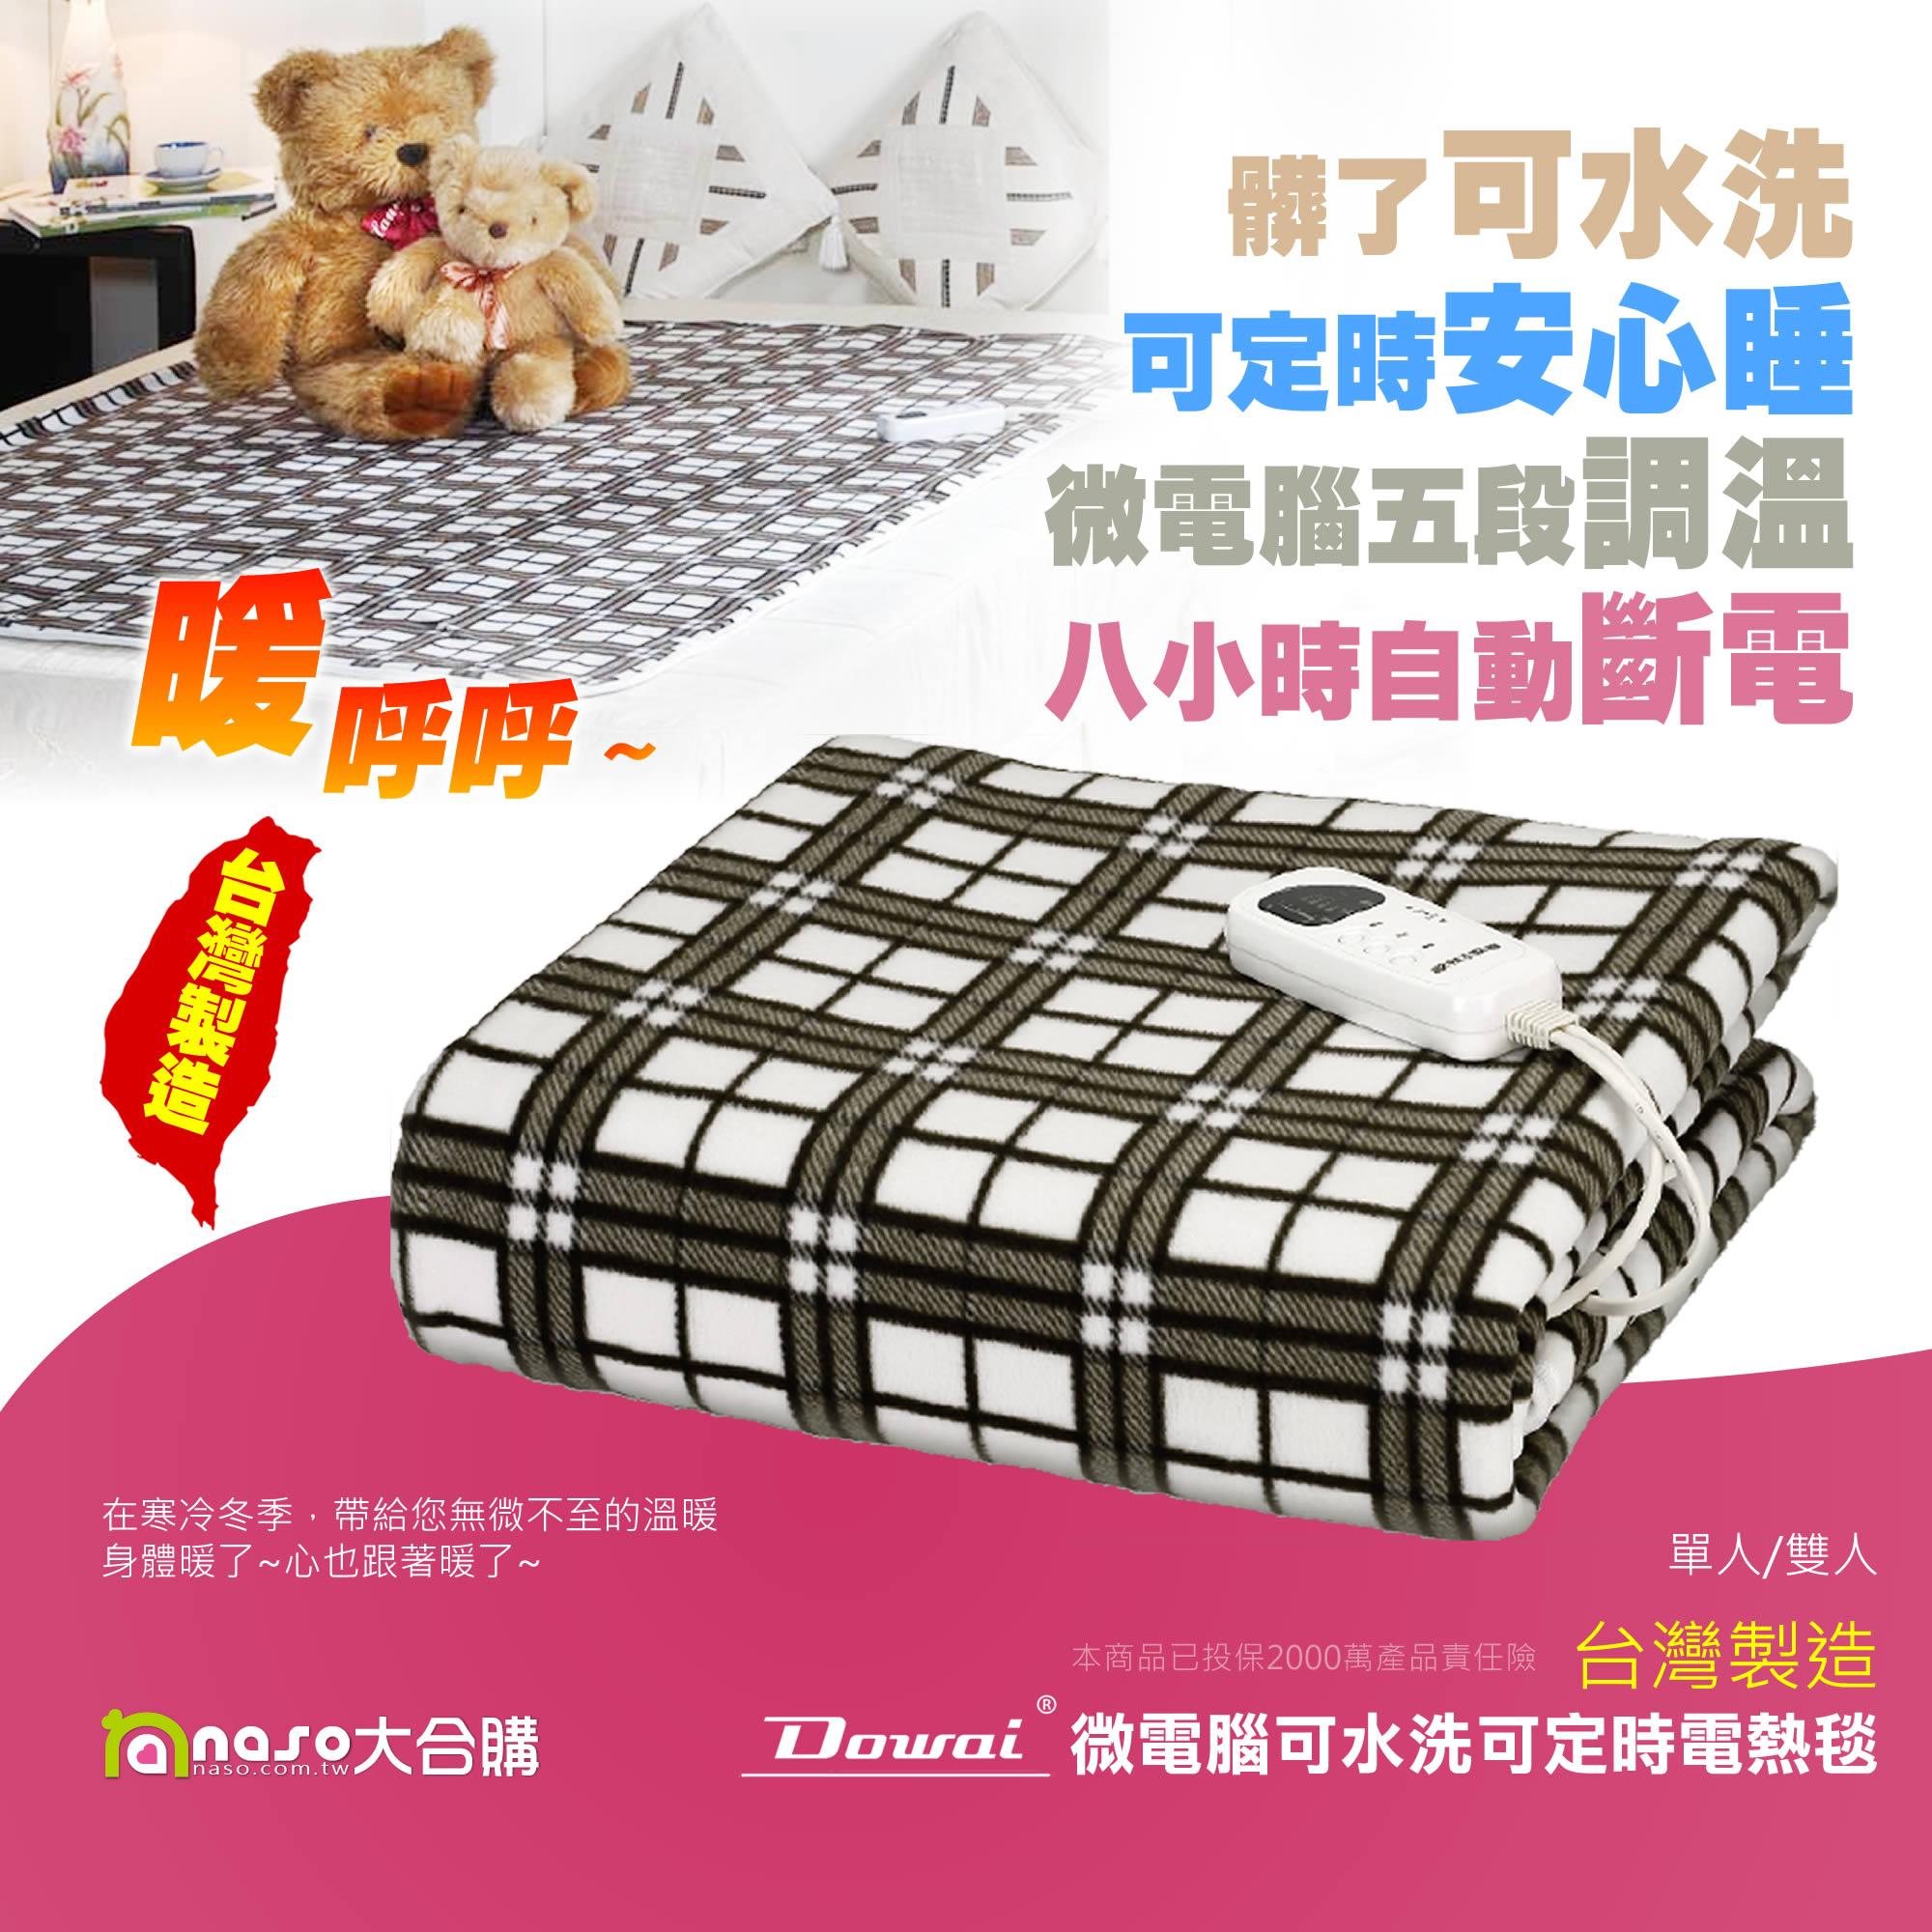 【台灣製造】多偉微電腦可水洗可定時安全電熱毯 好評第9團